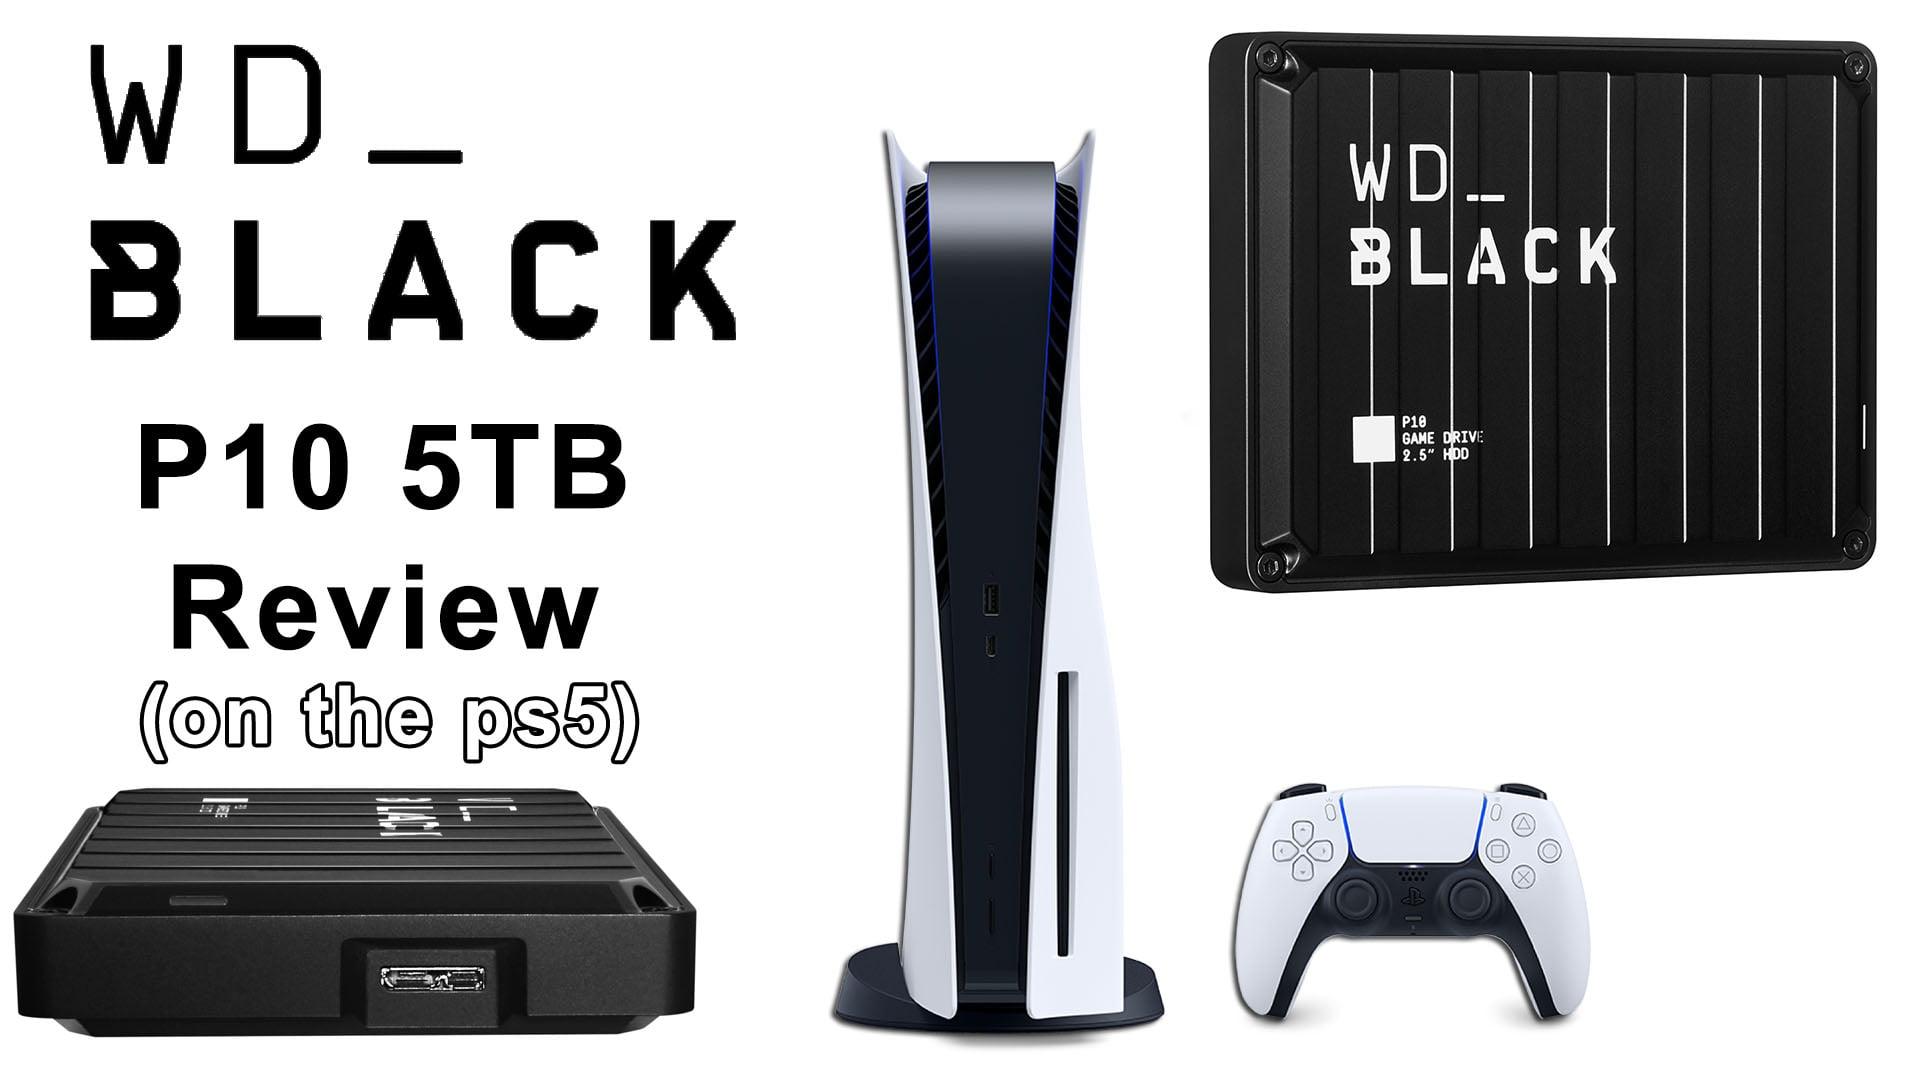 WD BLACK P10 Fi